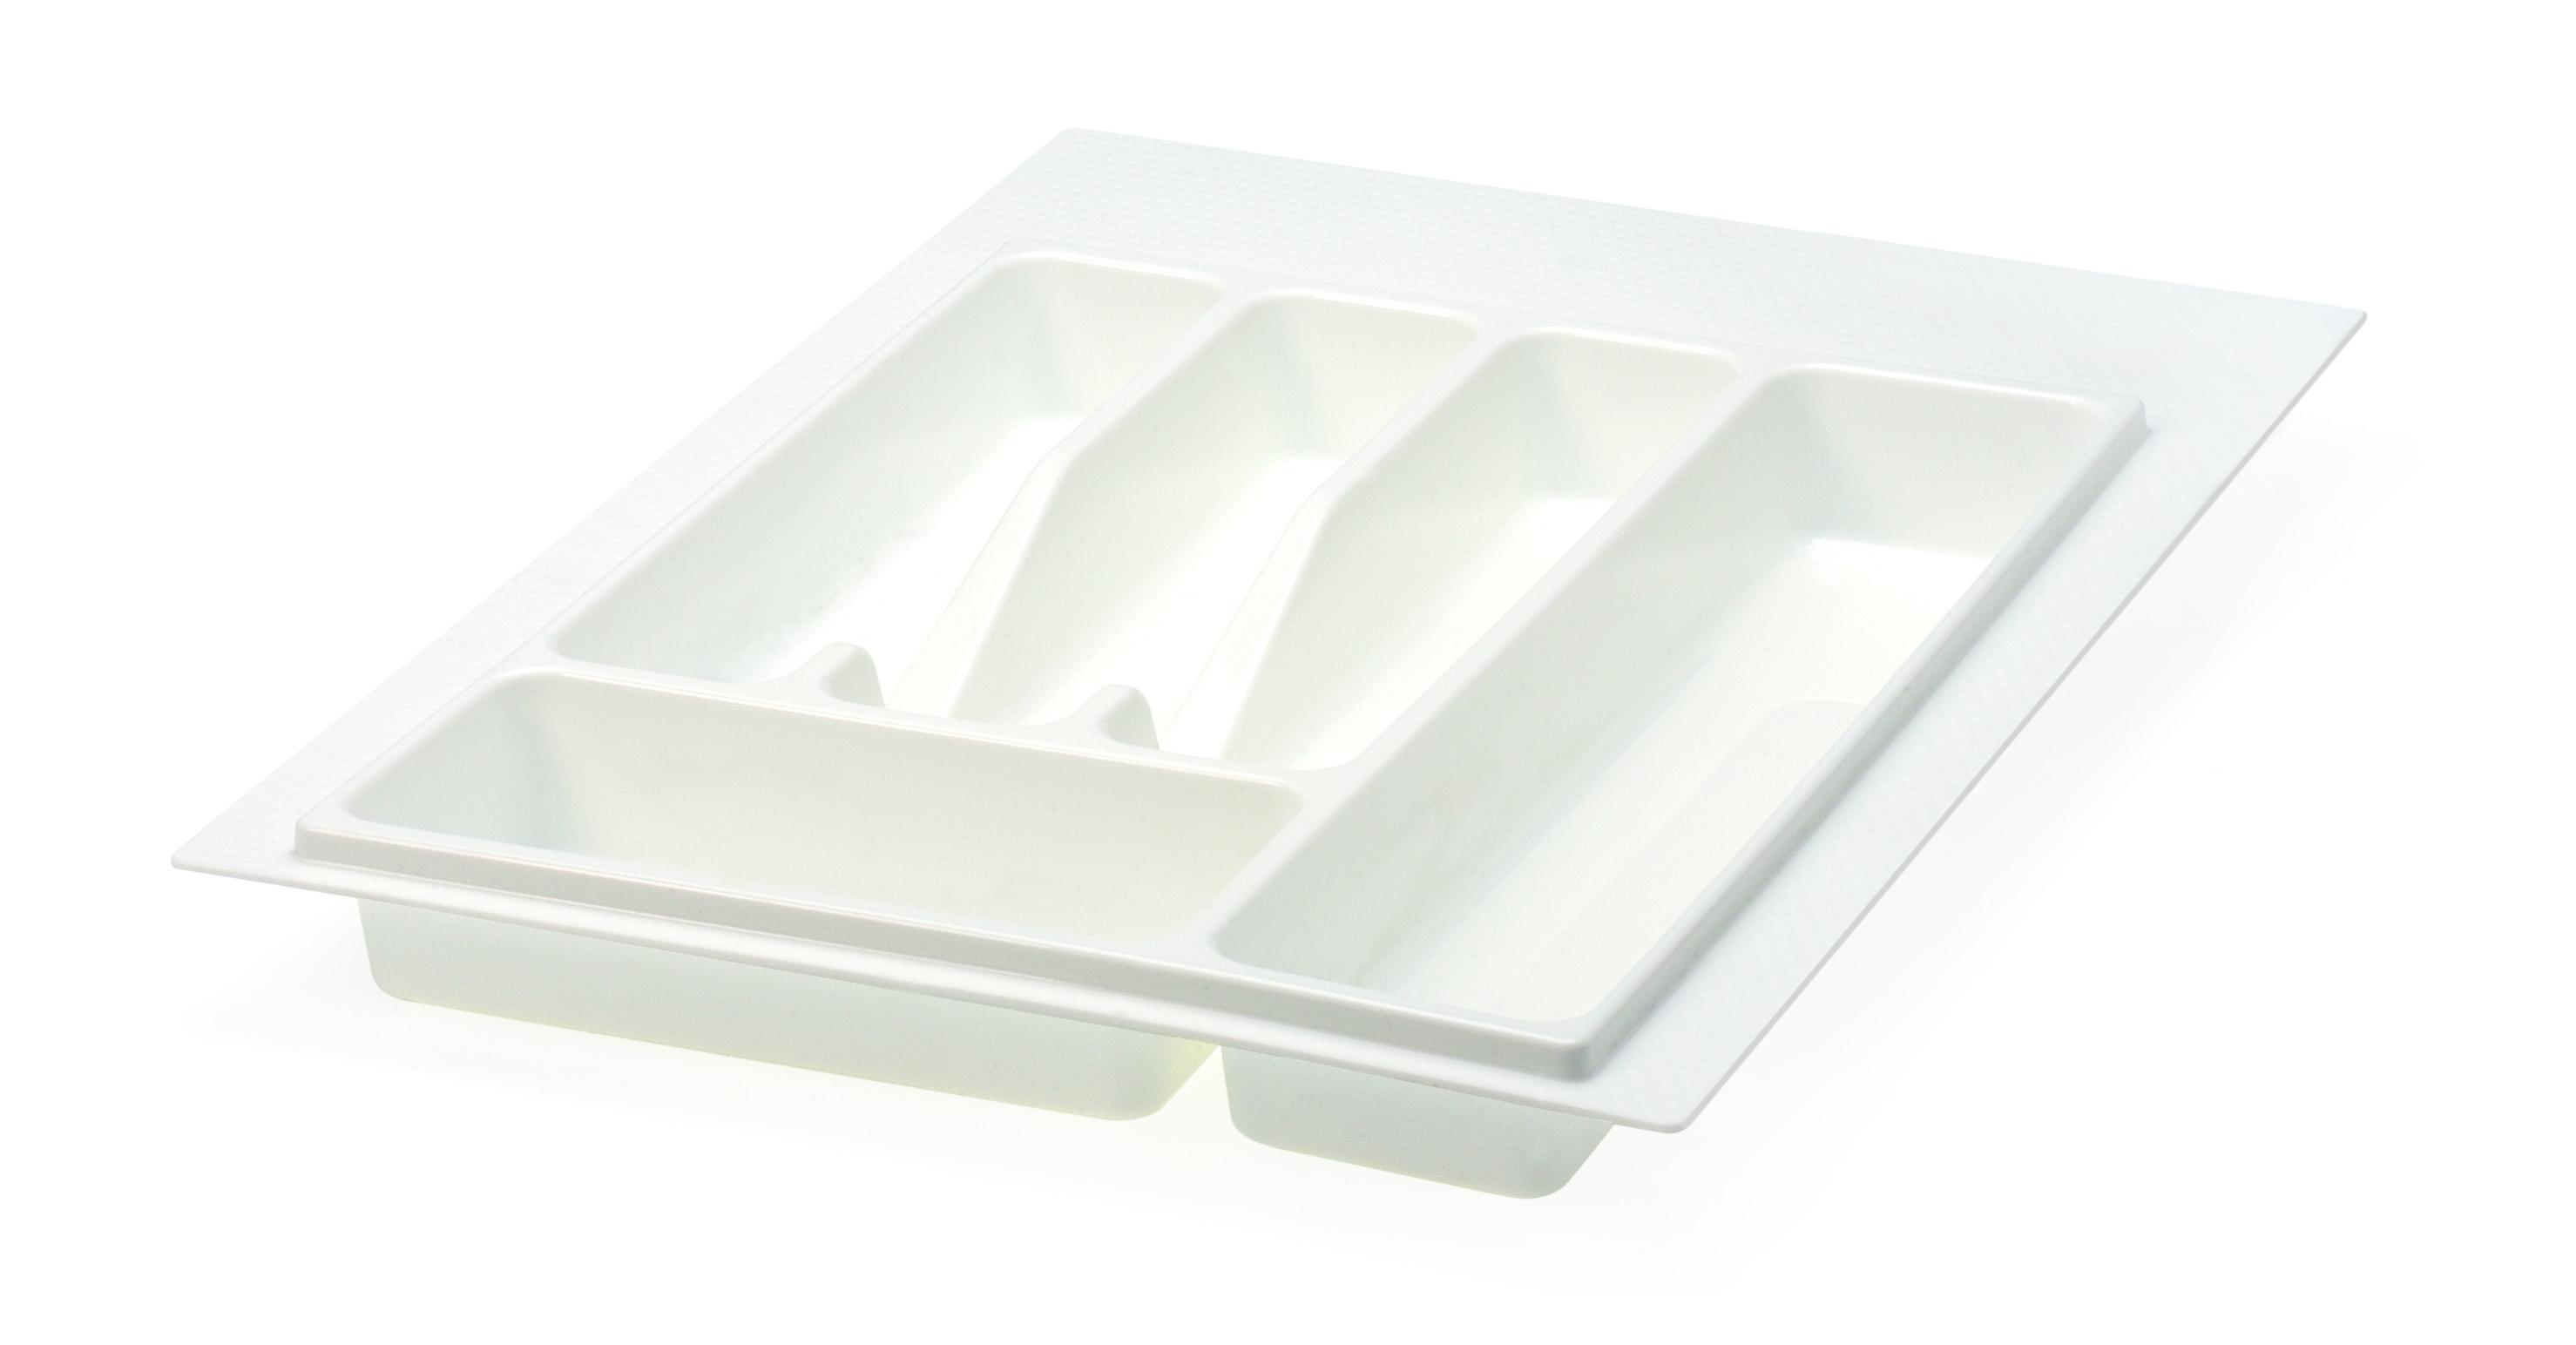 400mm White Matte Cutlery Insert 32\72.N40BI for Kitchen